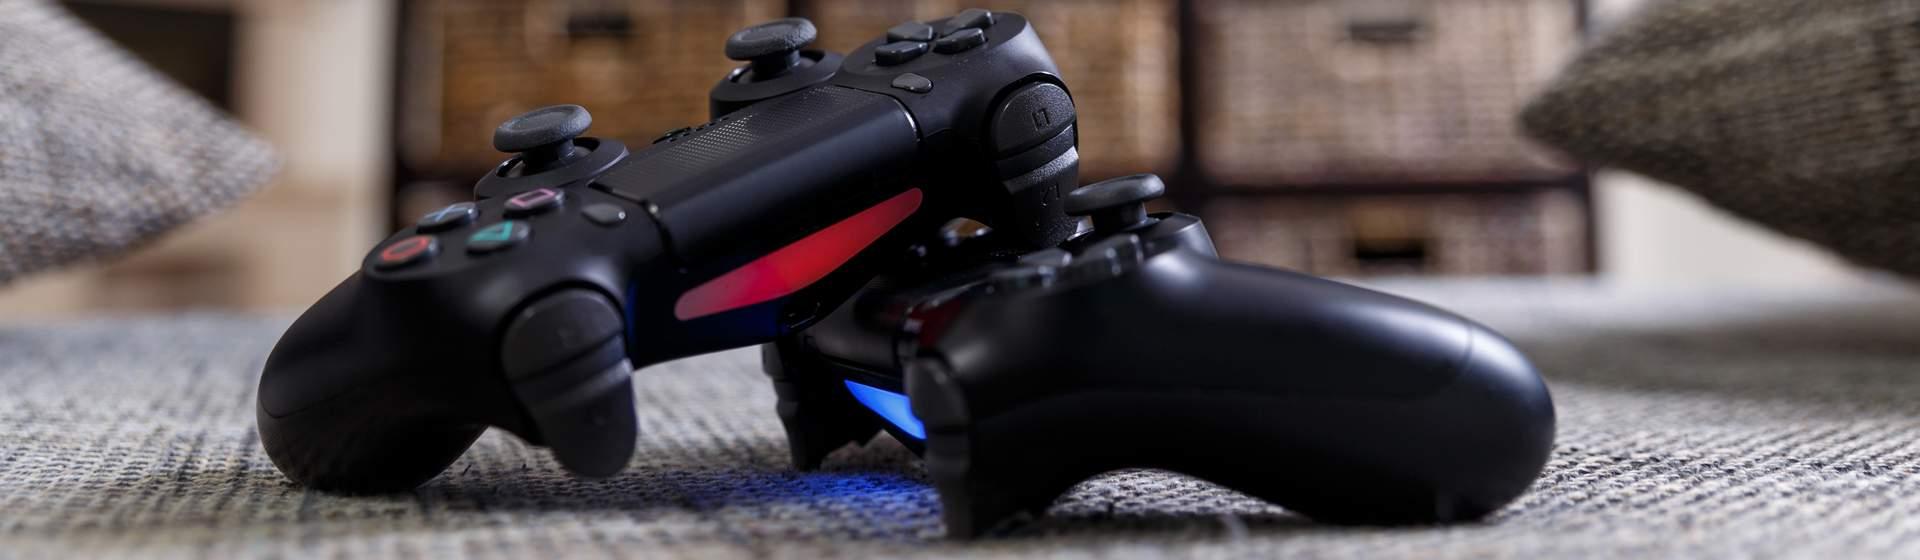 Melhor controle de videogame para PC em 2021: 8 modelos para comprar